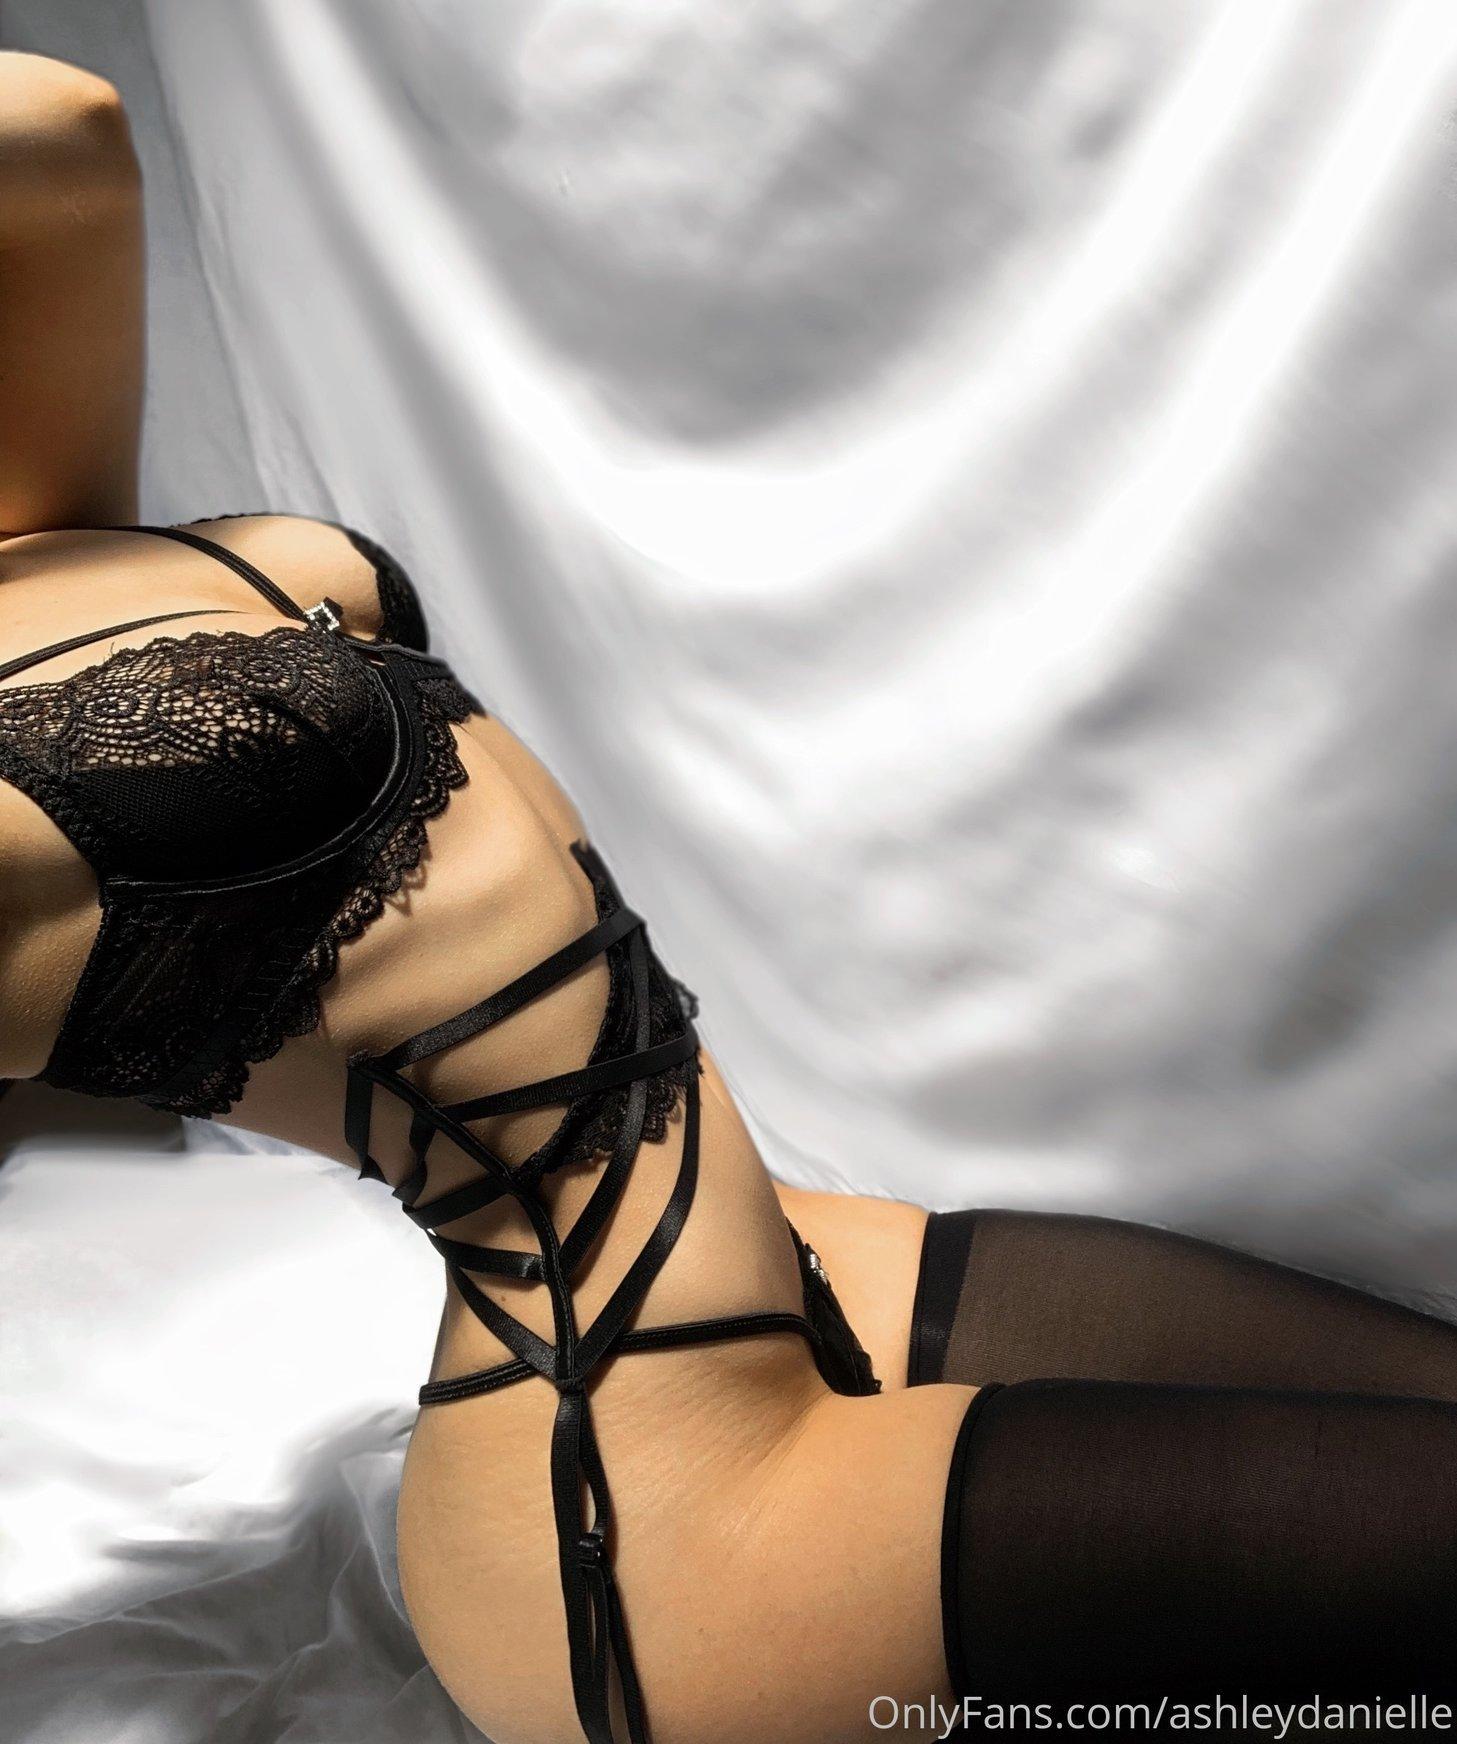 Ashley Danielle Ashleydaniellexox Onlyfans Nude Leaks 0017